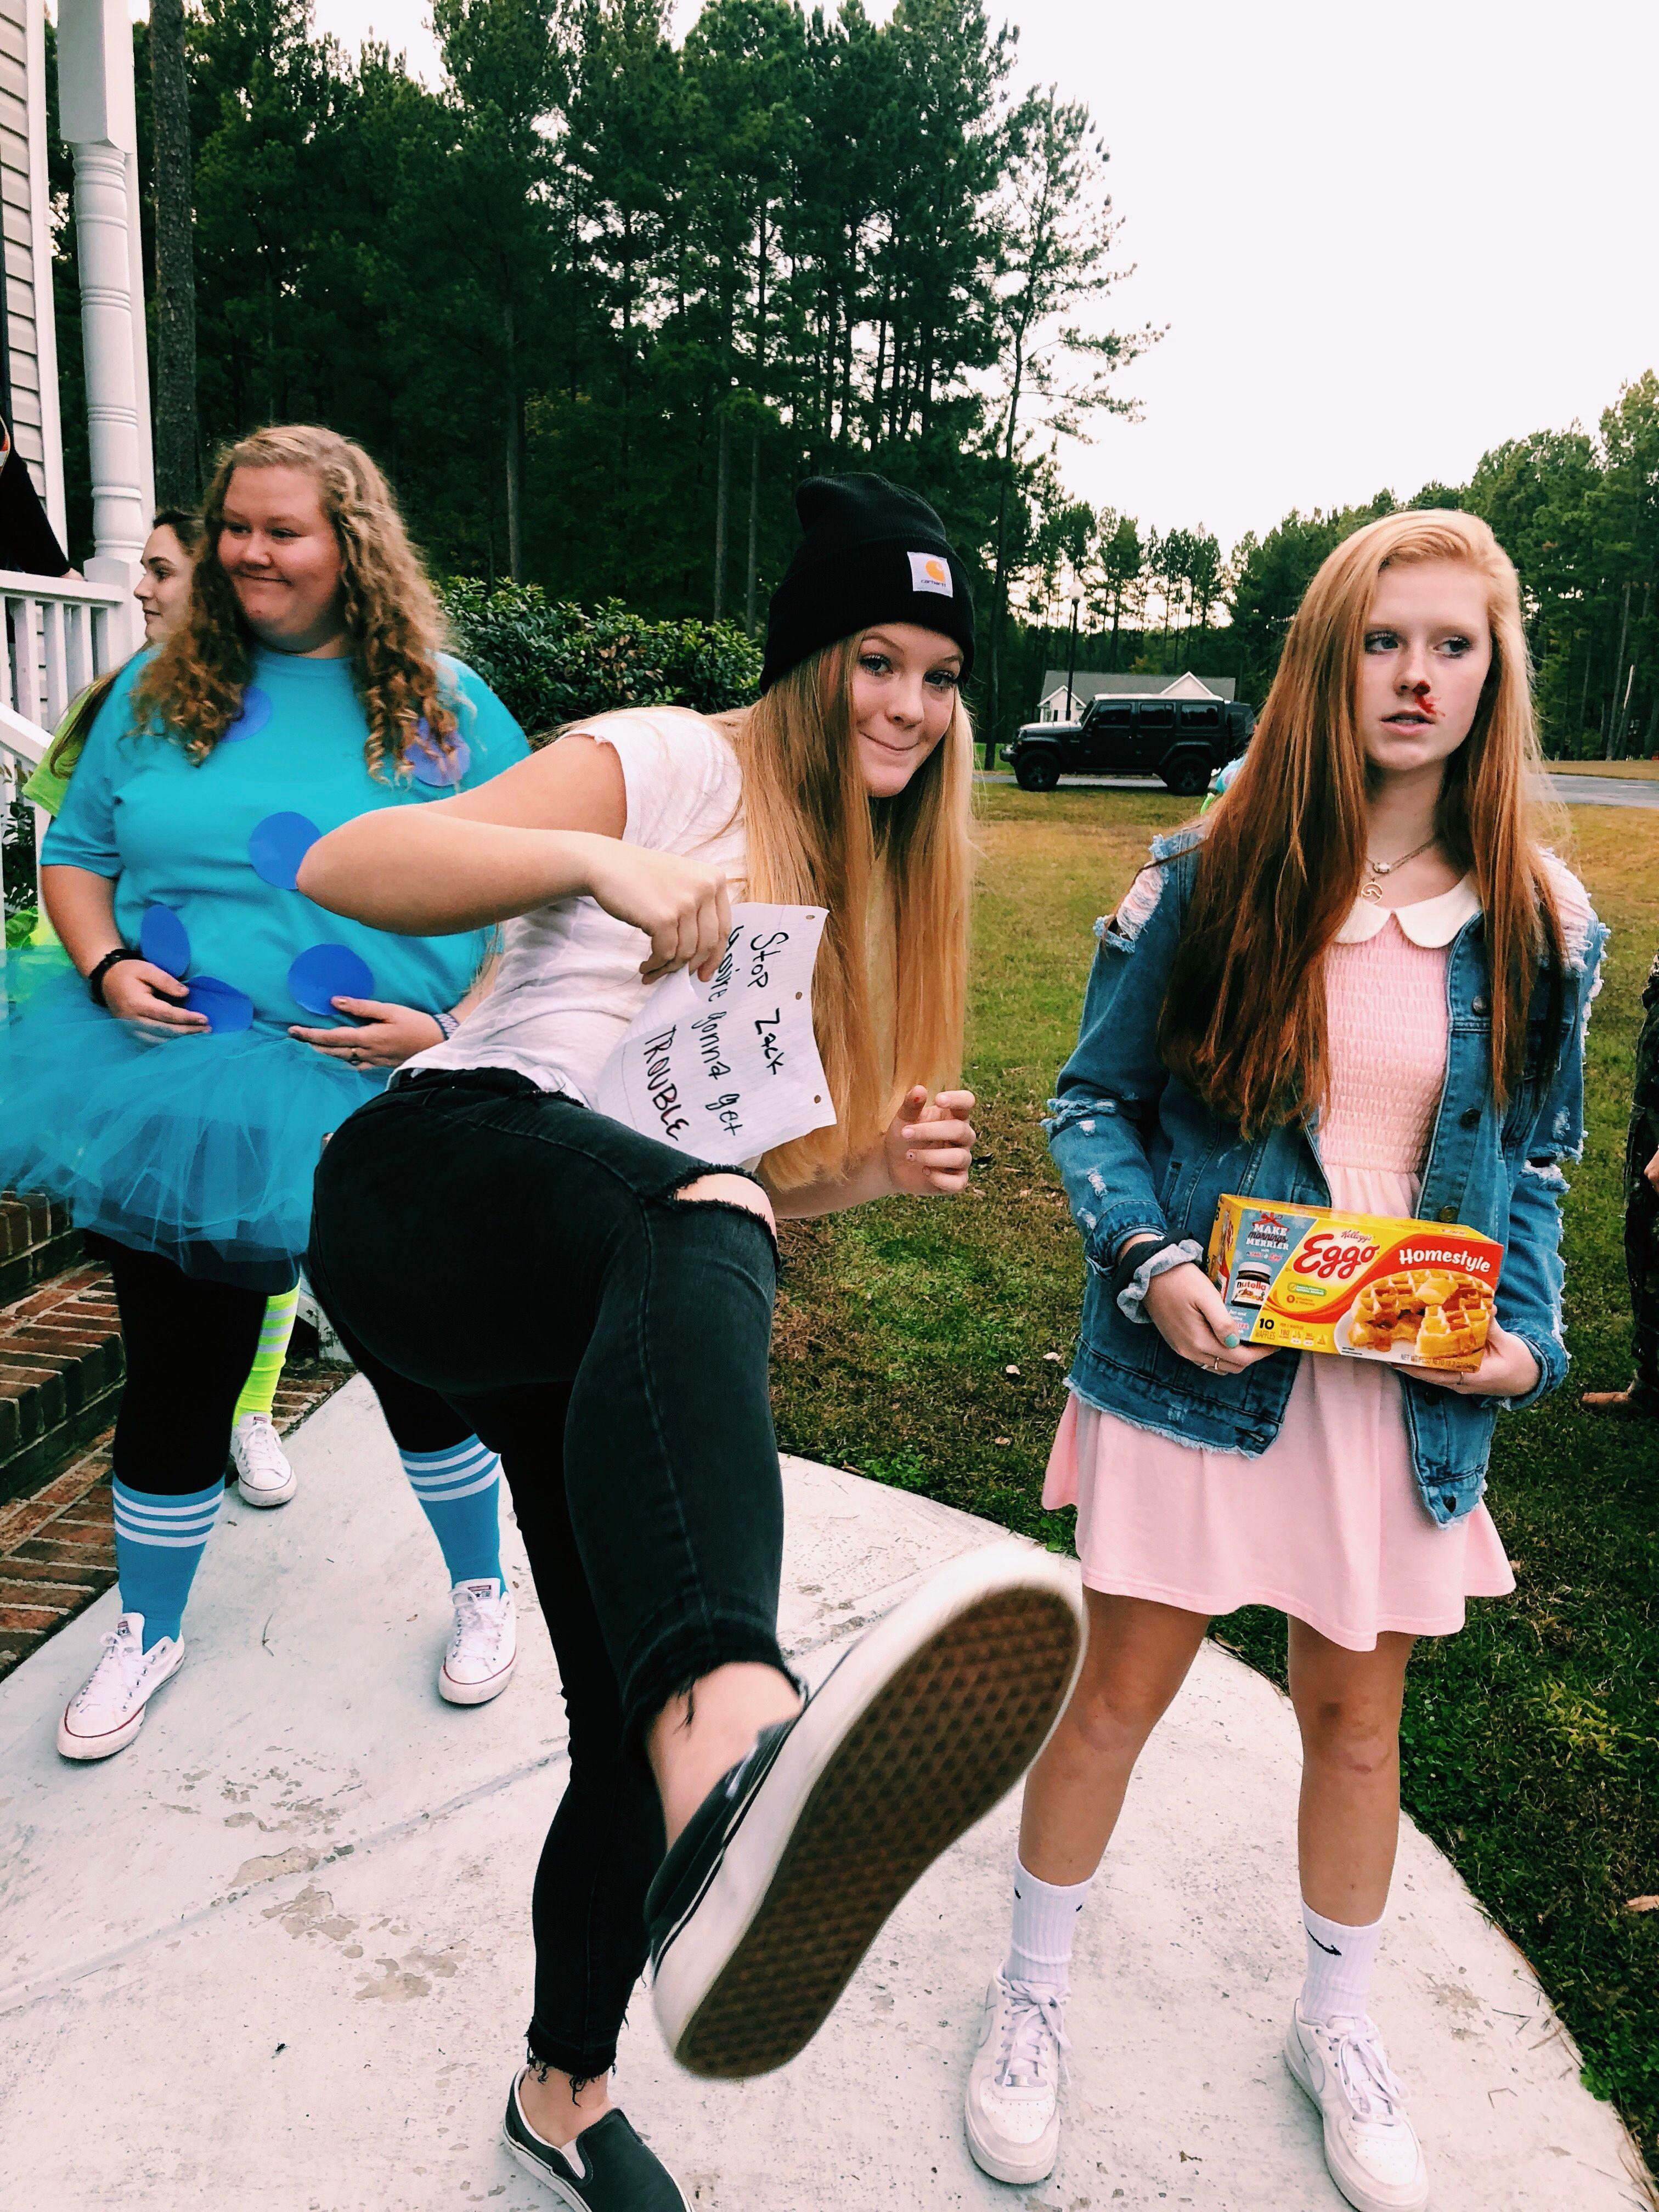 Hippie Halloween Costume Vsco.Instagram Hopemacklin Vsco Hopemackk B E S T I E S Best